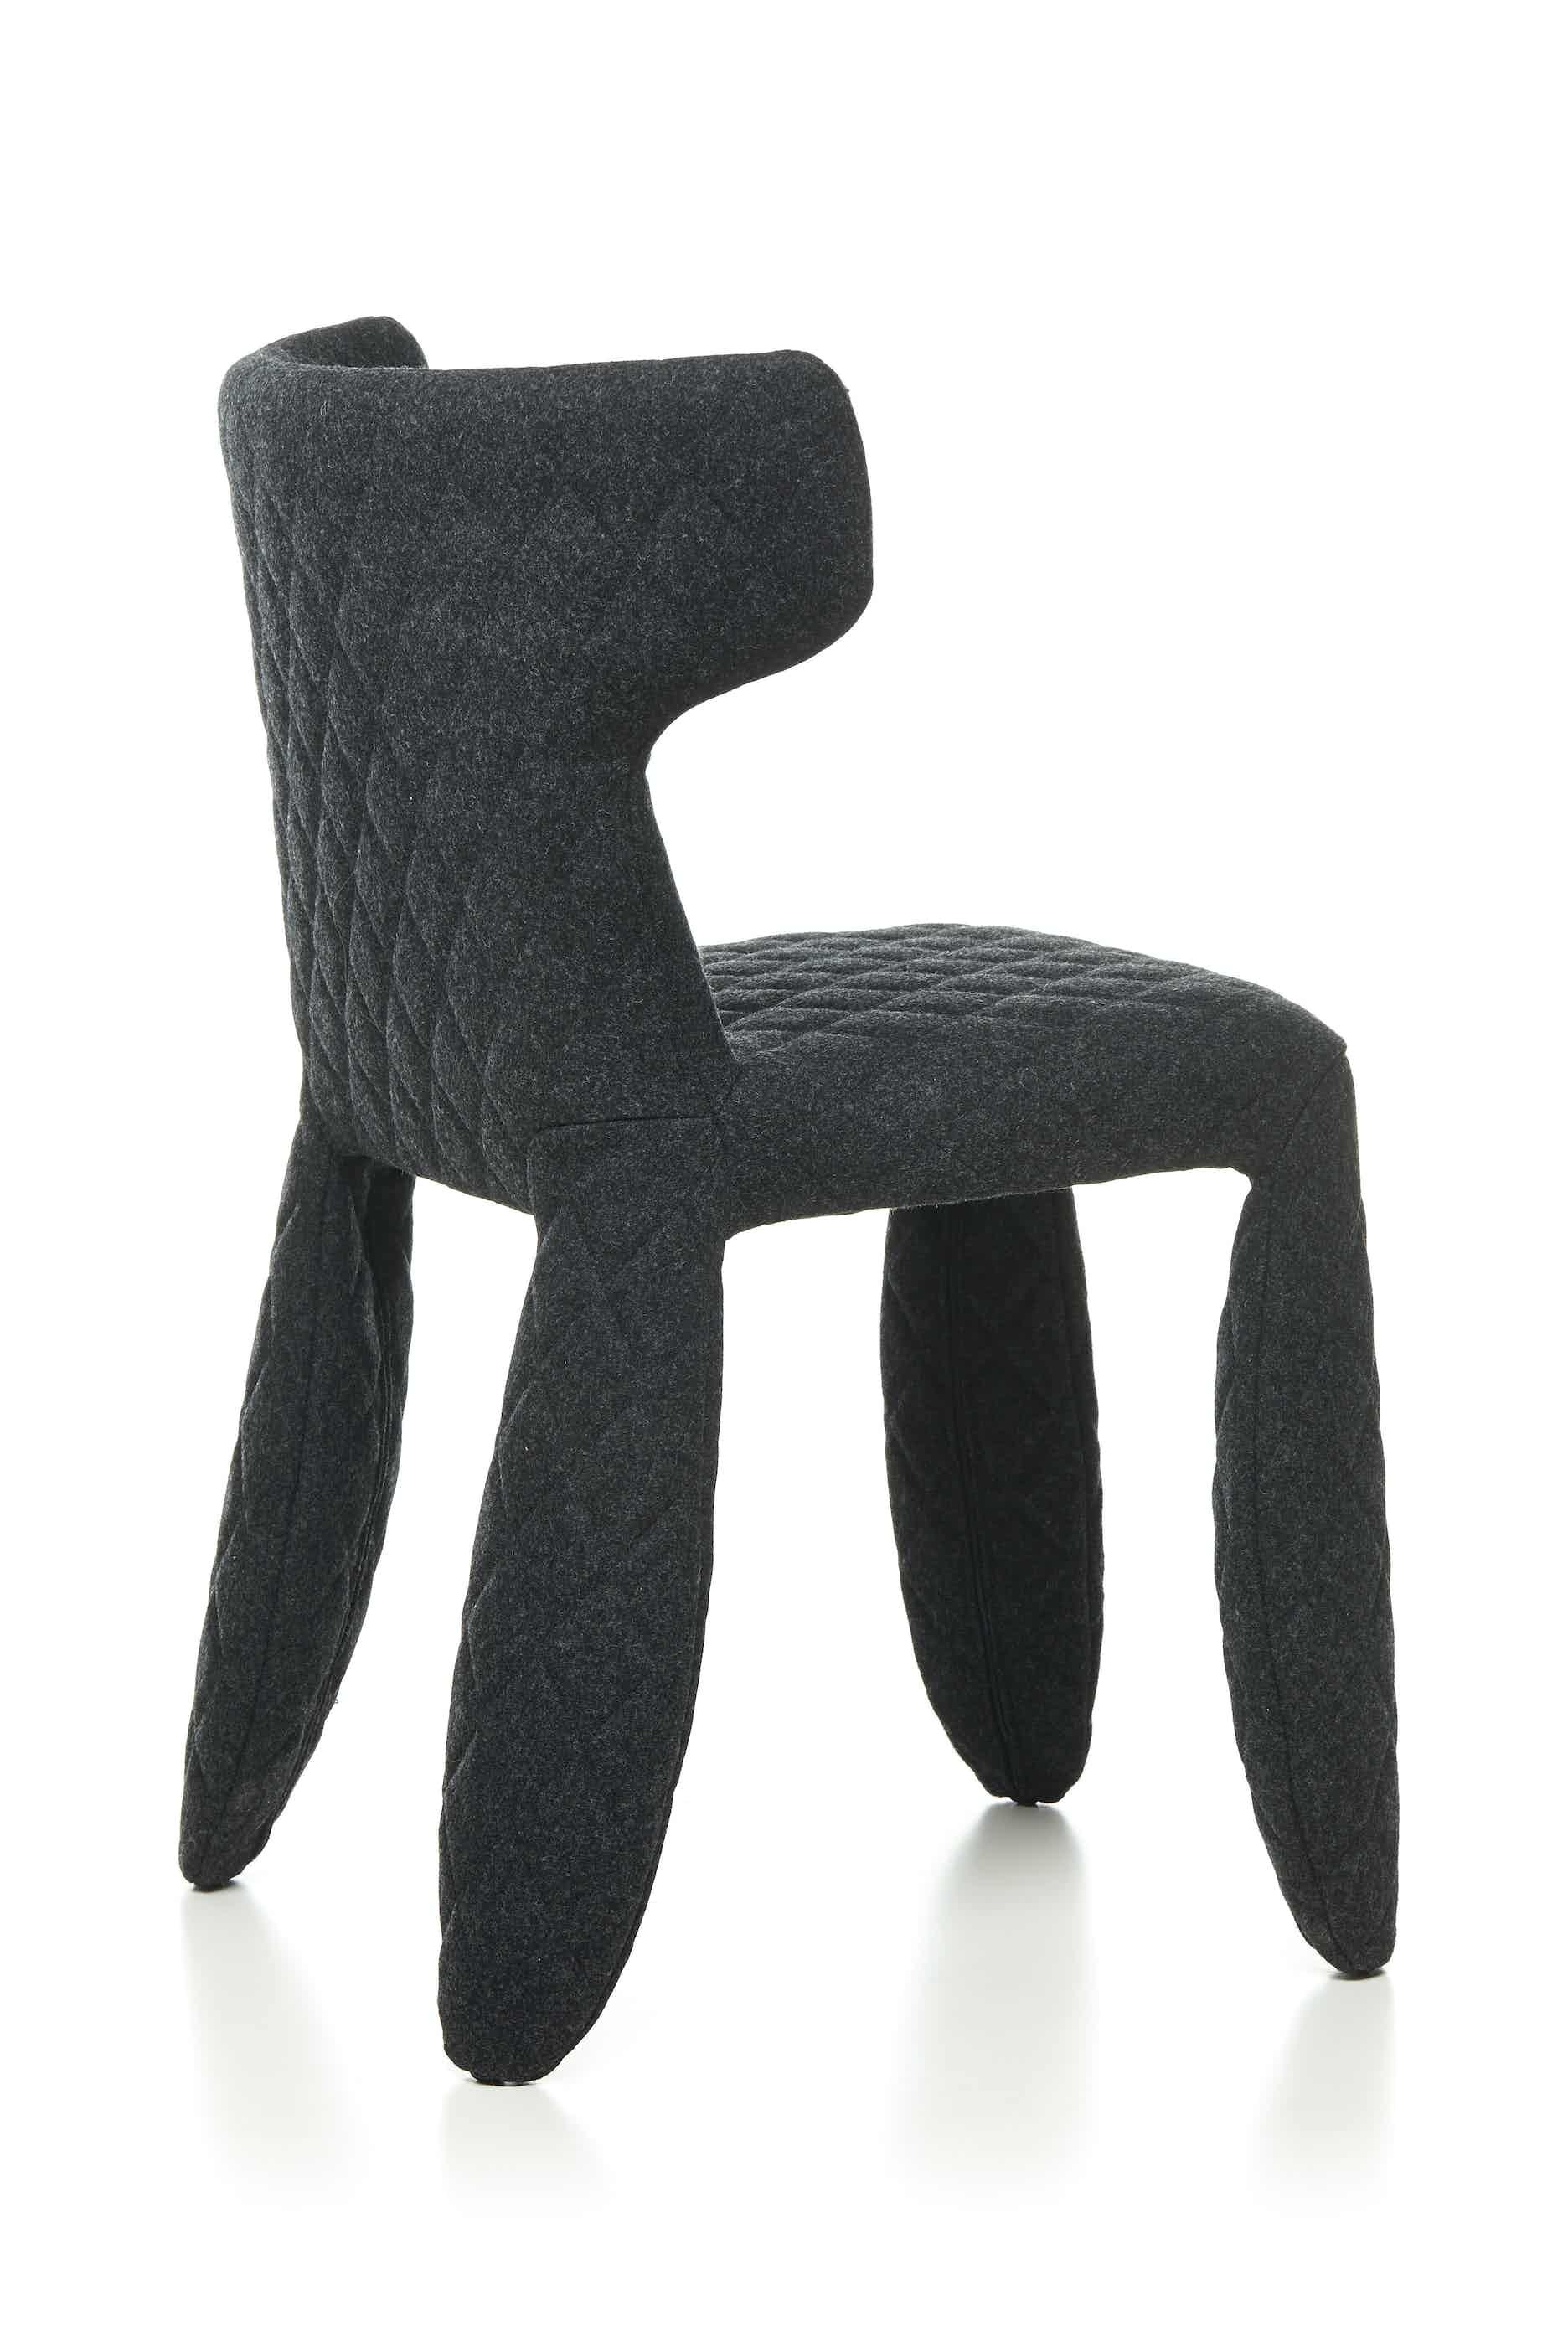 Moooi monster chair divina melange black back angle haute living